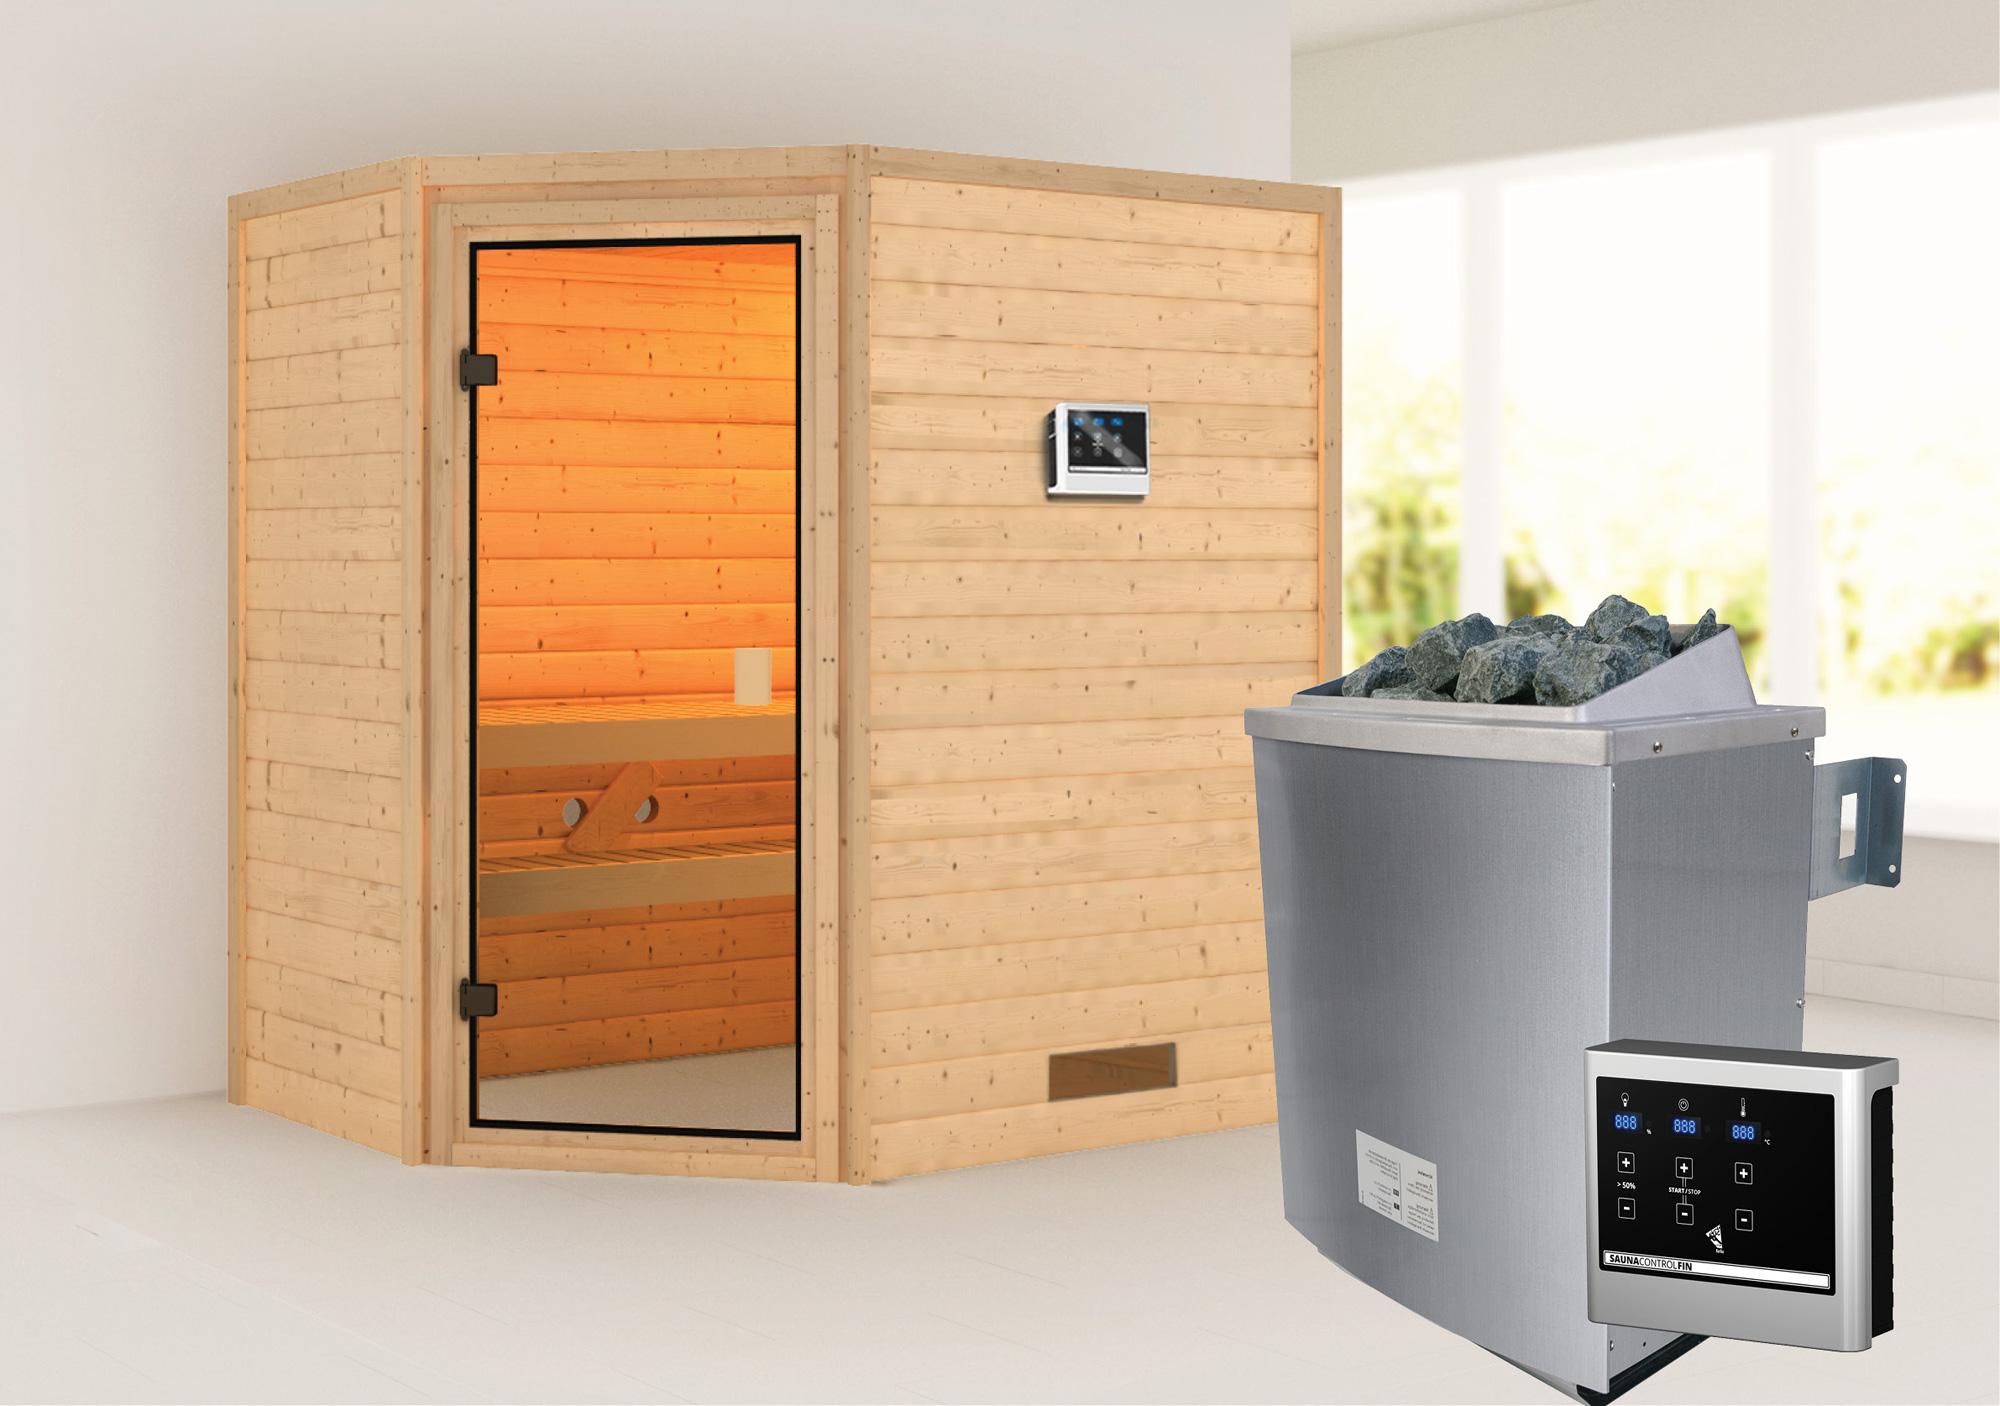 WoodFeeling Sauna Svea 38mm mit Saunaofen 9 kW extern classic Tür Bild 1